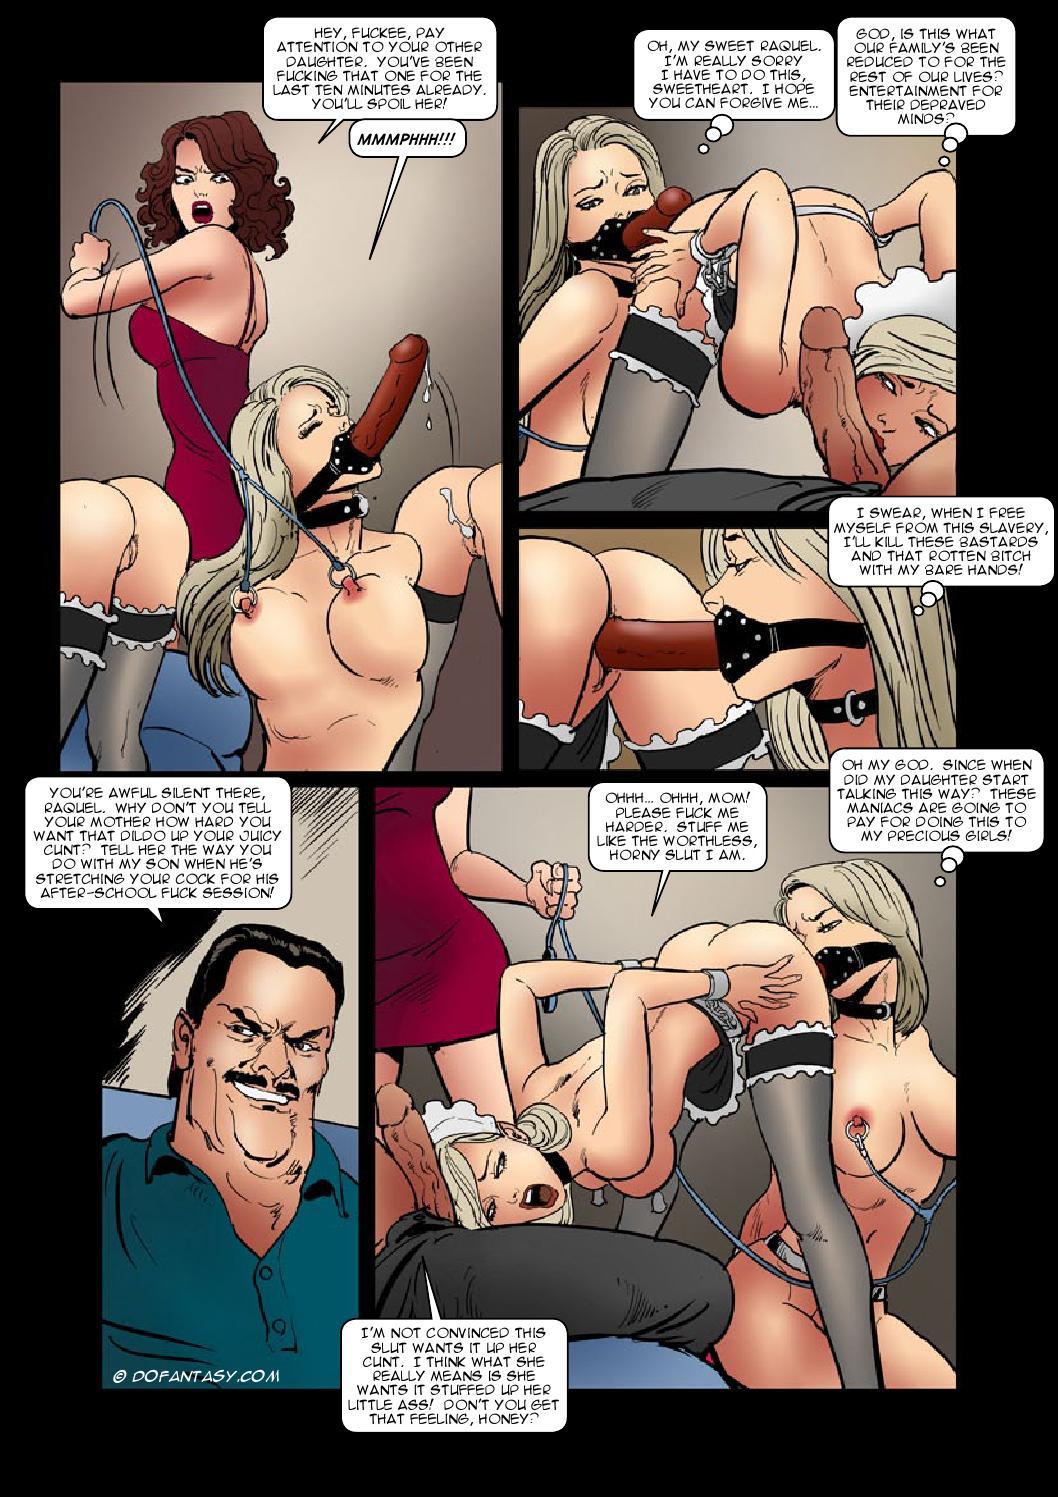 жесткое порно онлайн бесплатно бдсм